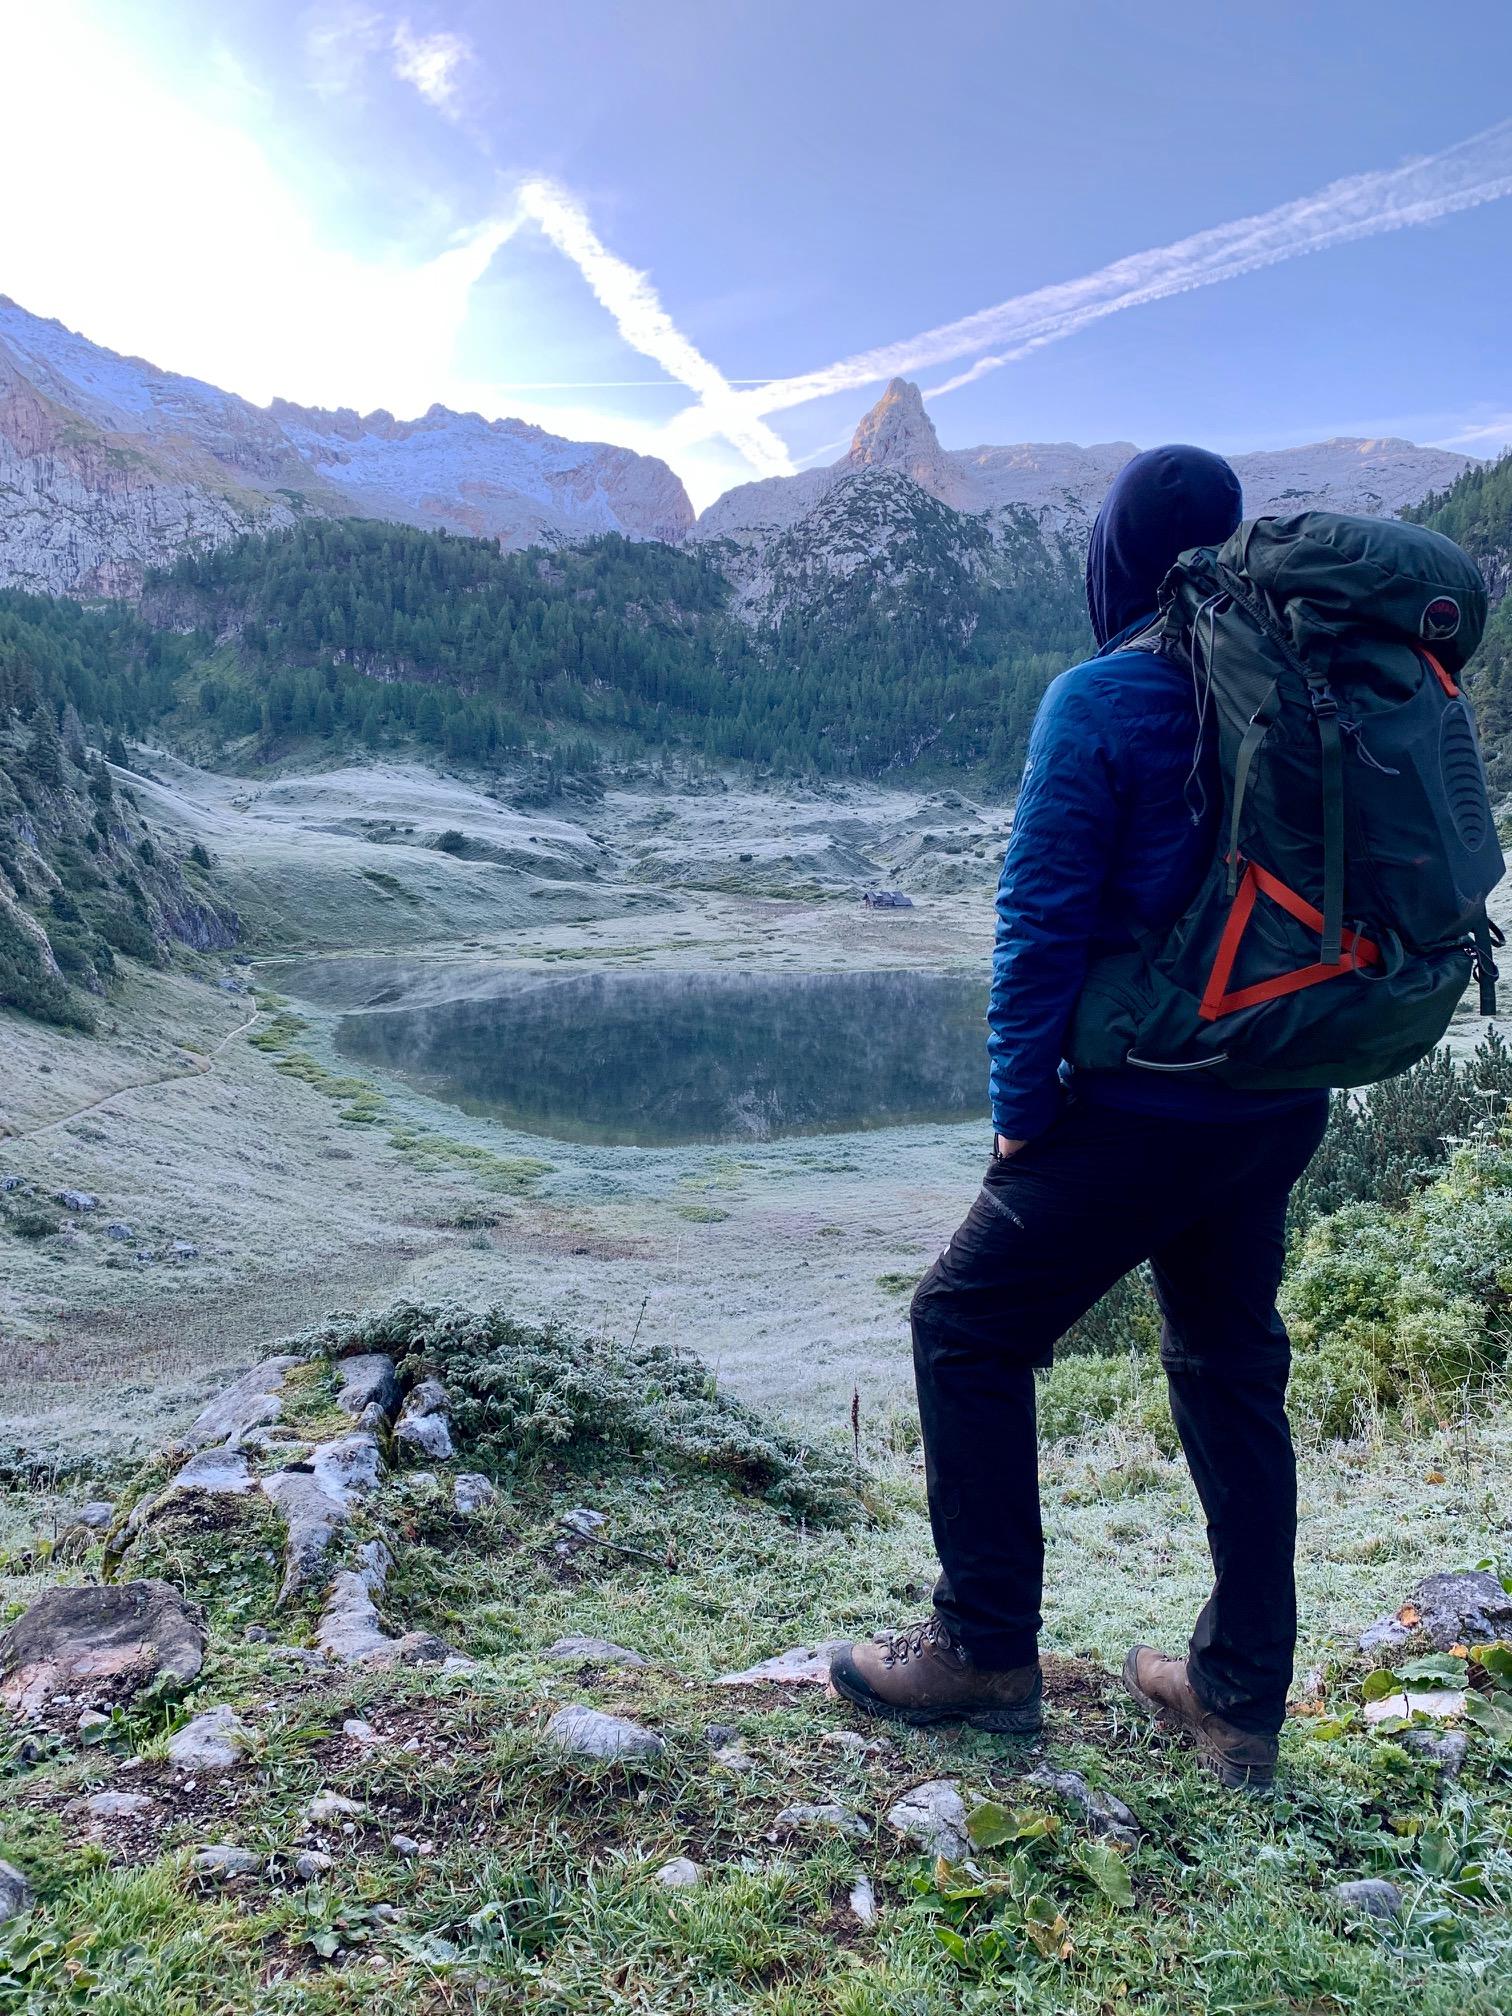 Impression des Hüttencoachings am Königssee mit Blick auf die Berge